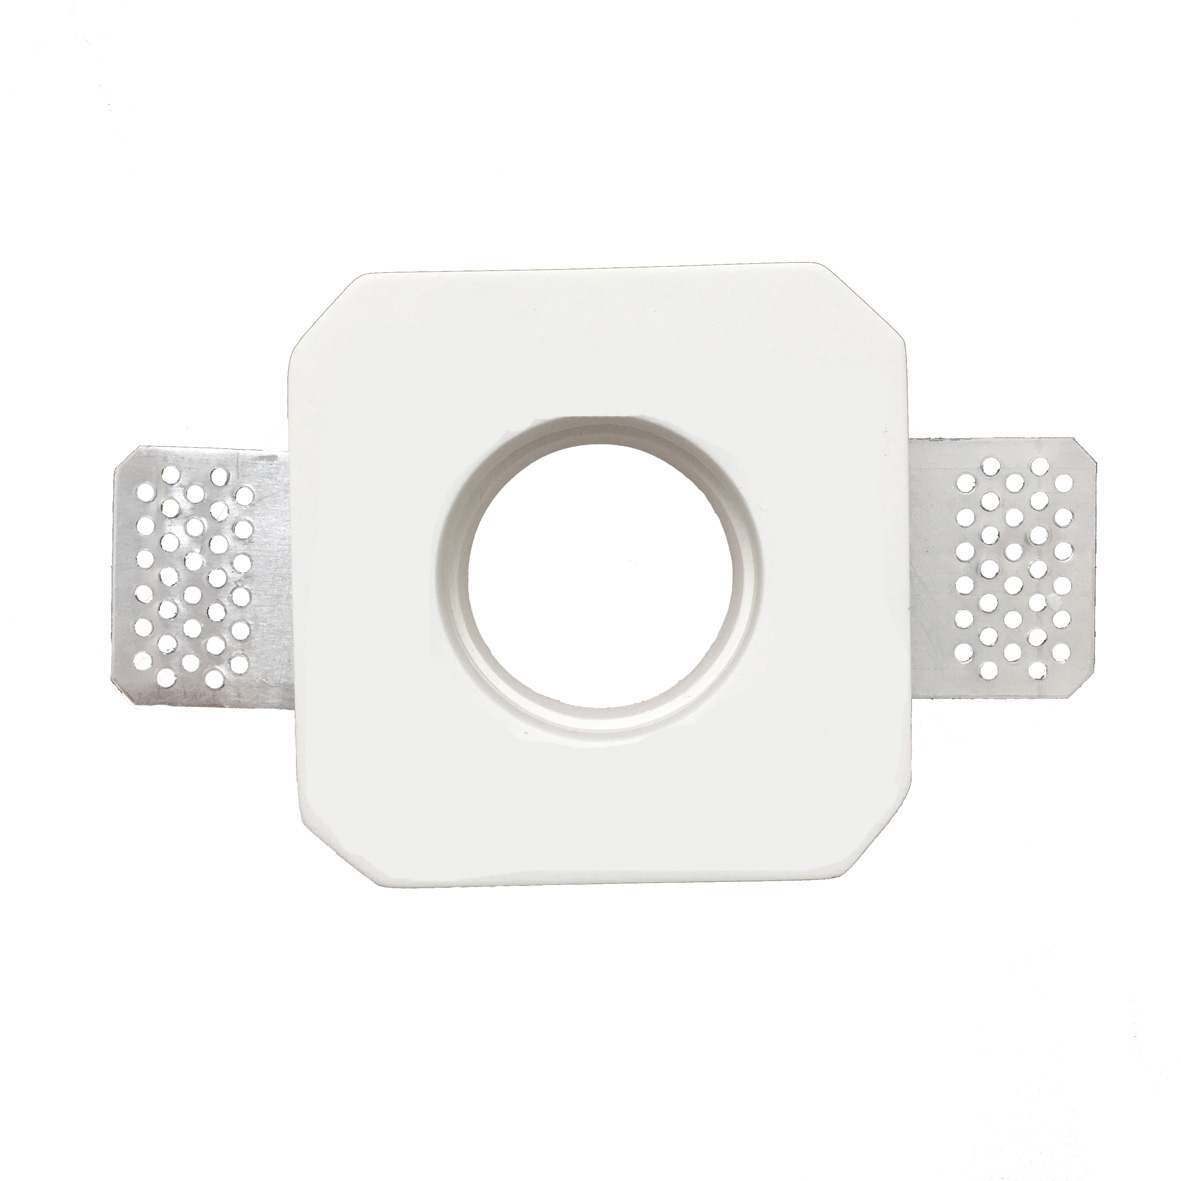 Faretti Incasso Di Gesso portafaretto in gesso a scomparsa quadrato lato 9,3cm per lampadine led gu10